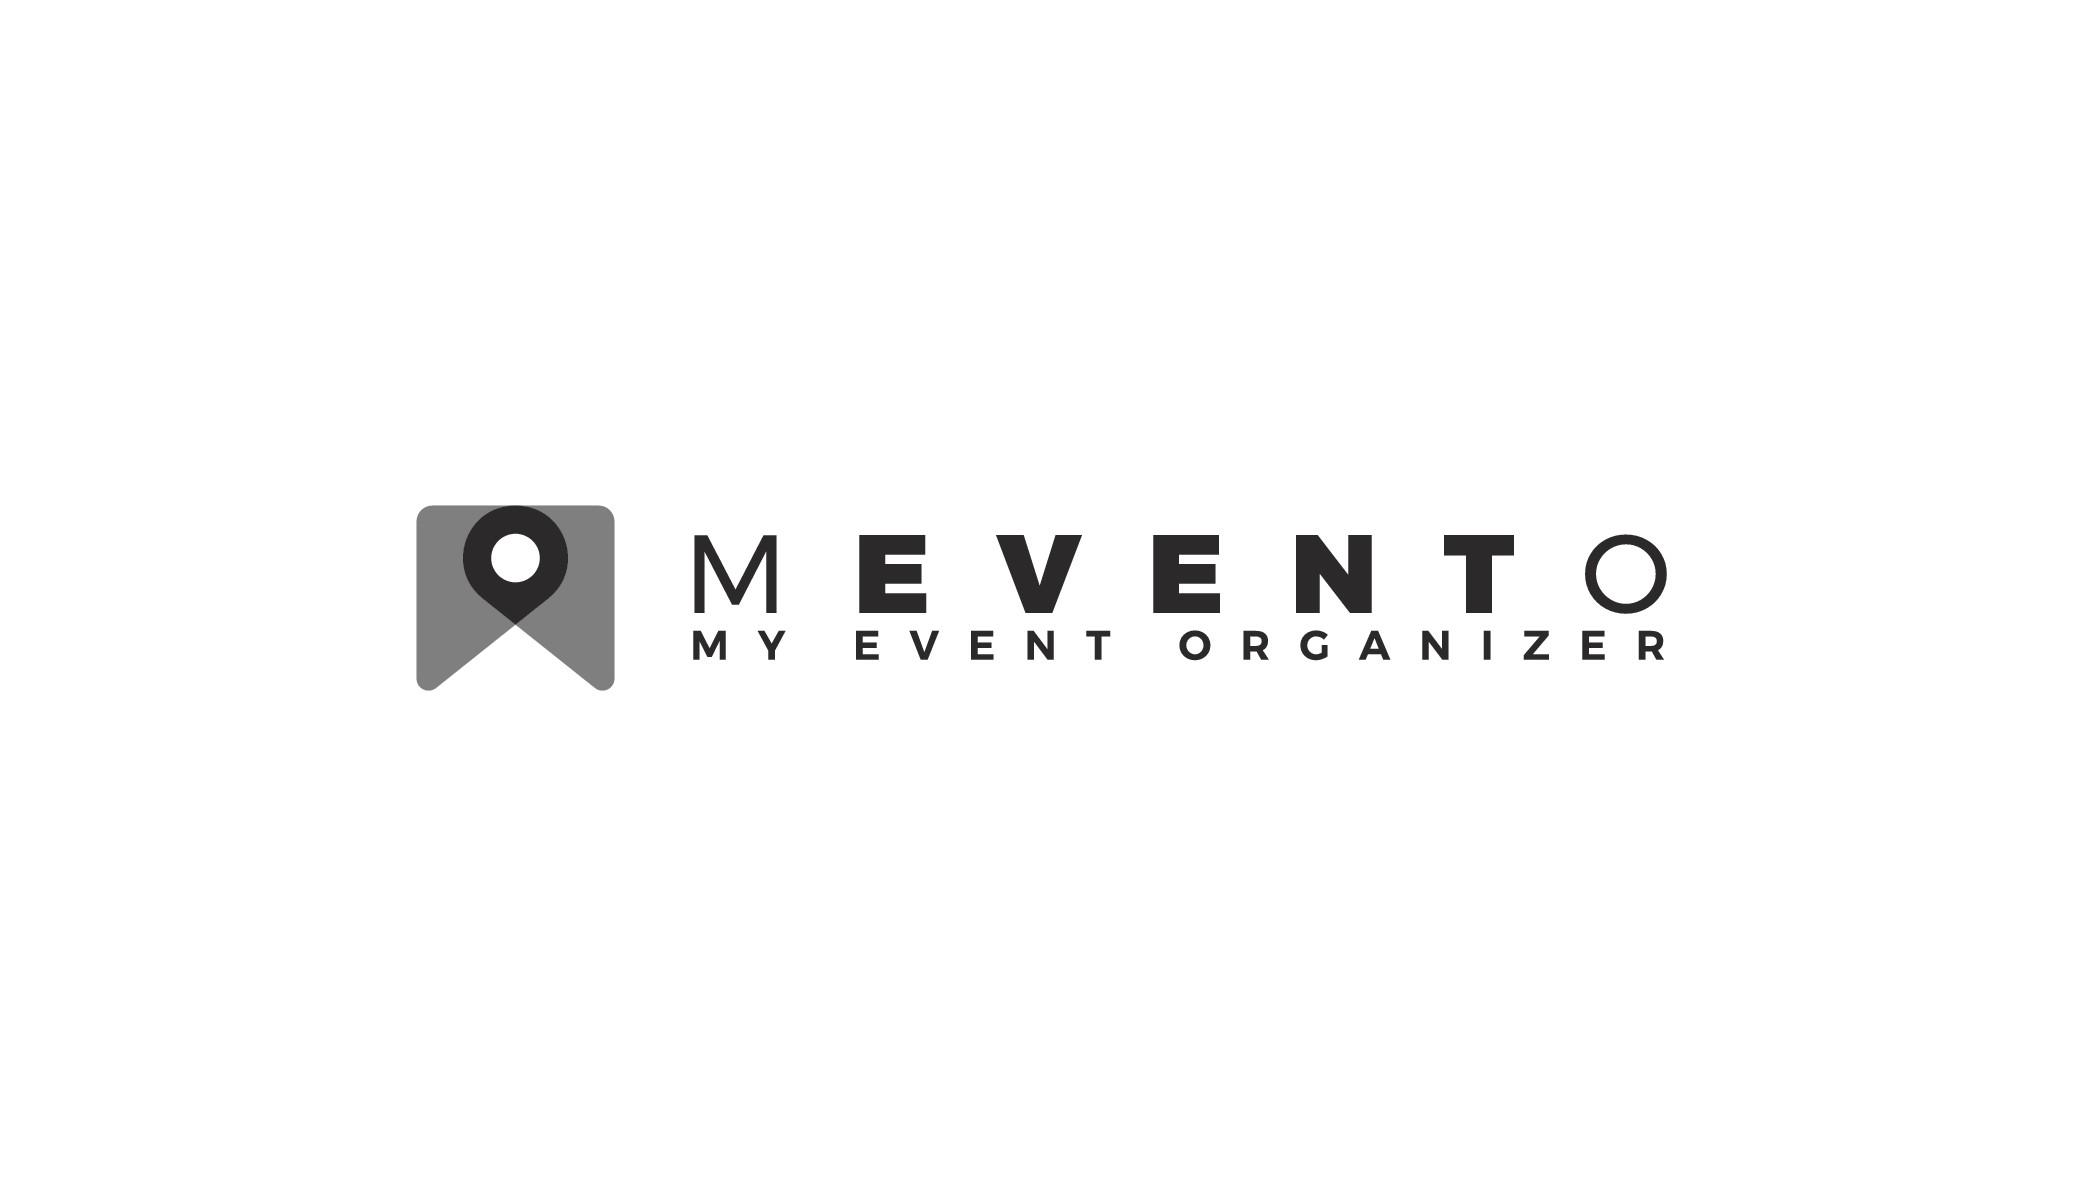 Website logo for event planning platform